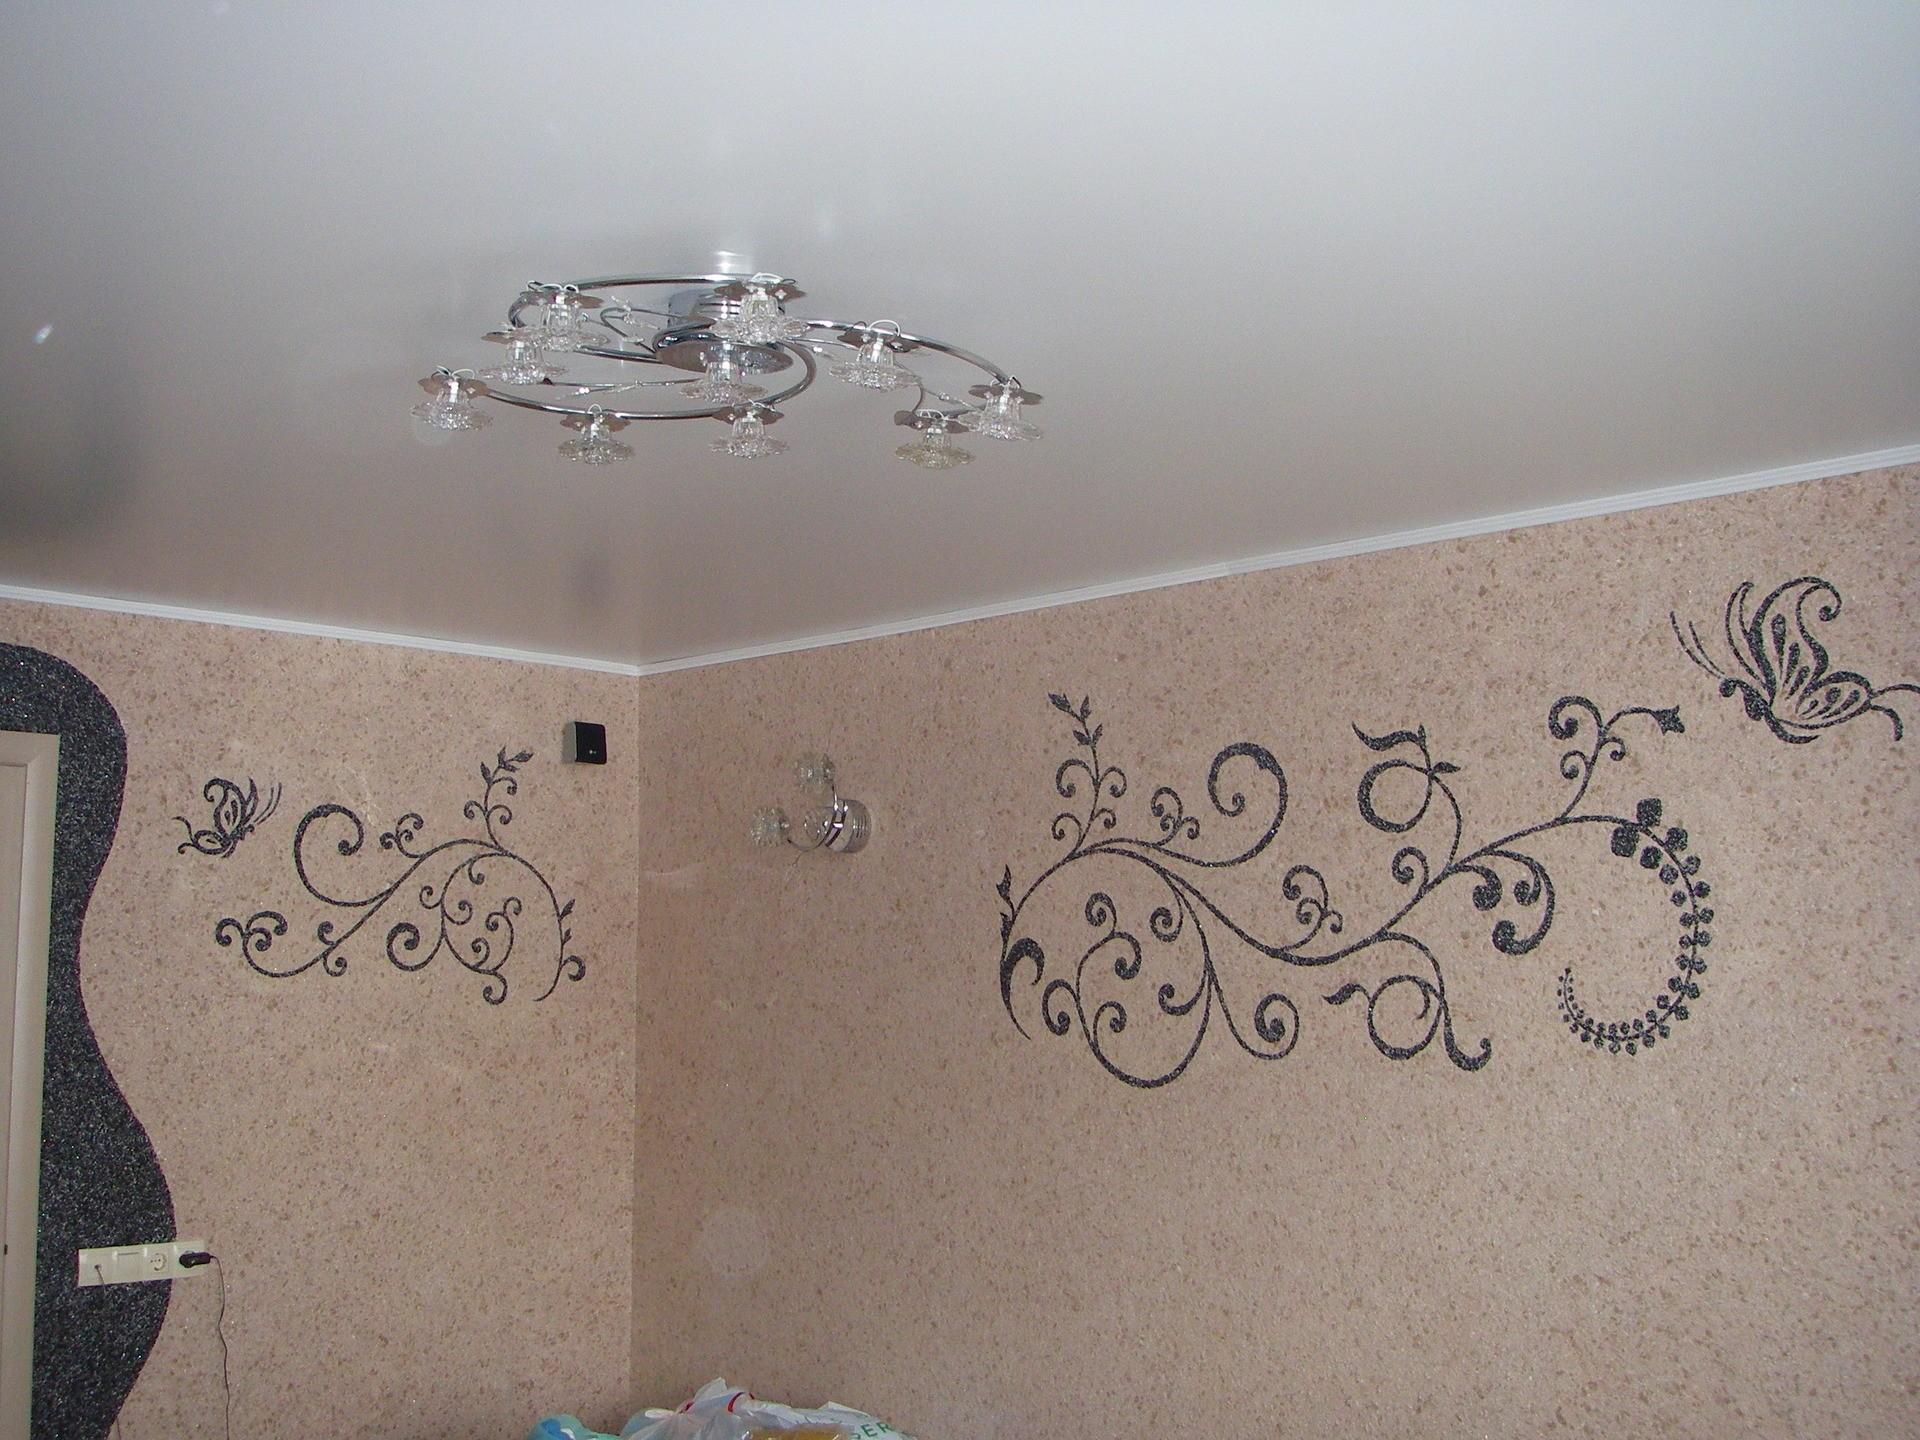 кухне жидкие обои рисунок на стене фото еще слюнявчик